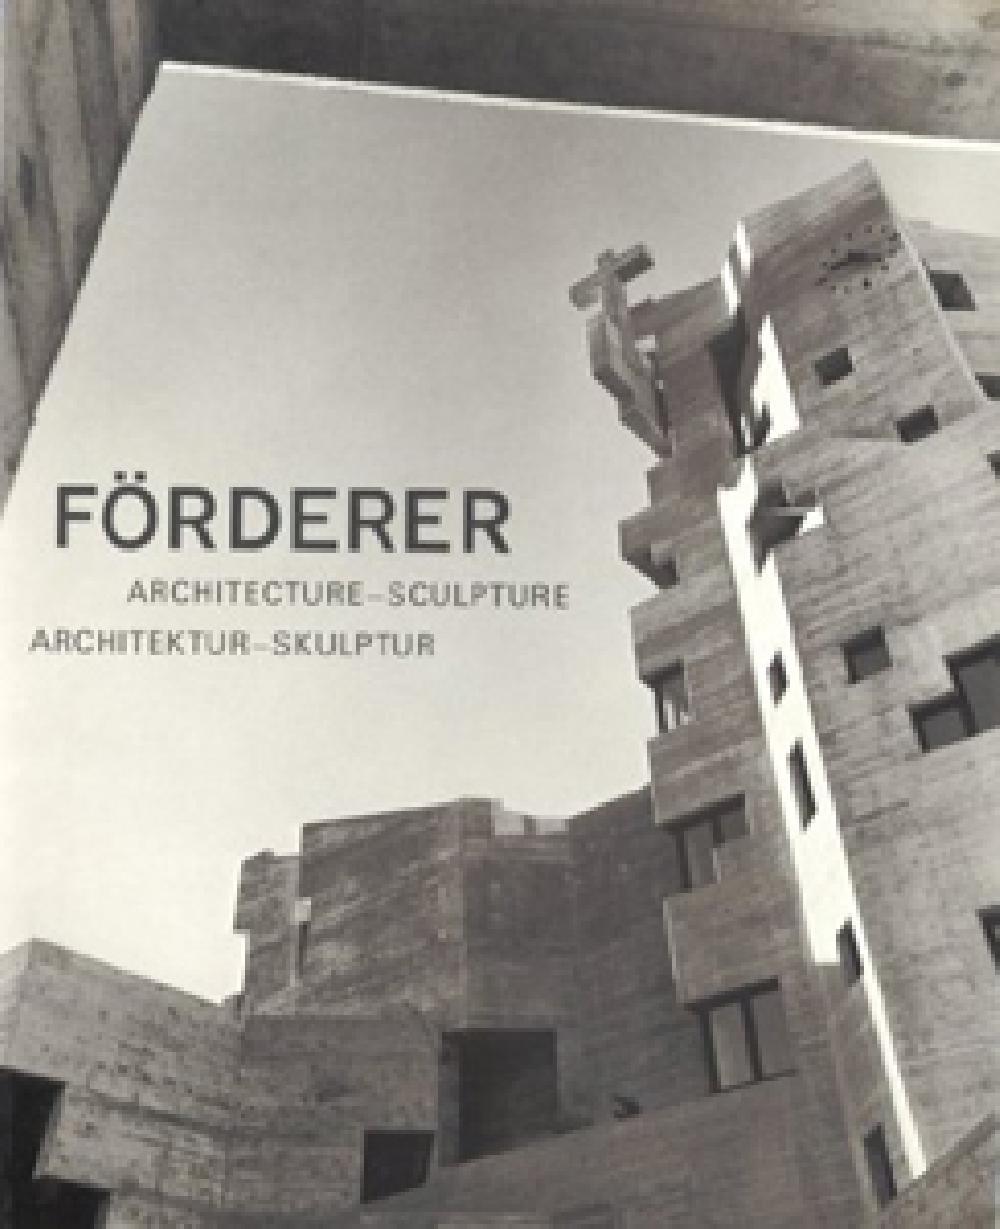 Walter M Förderer Architecture - Sculpture